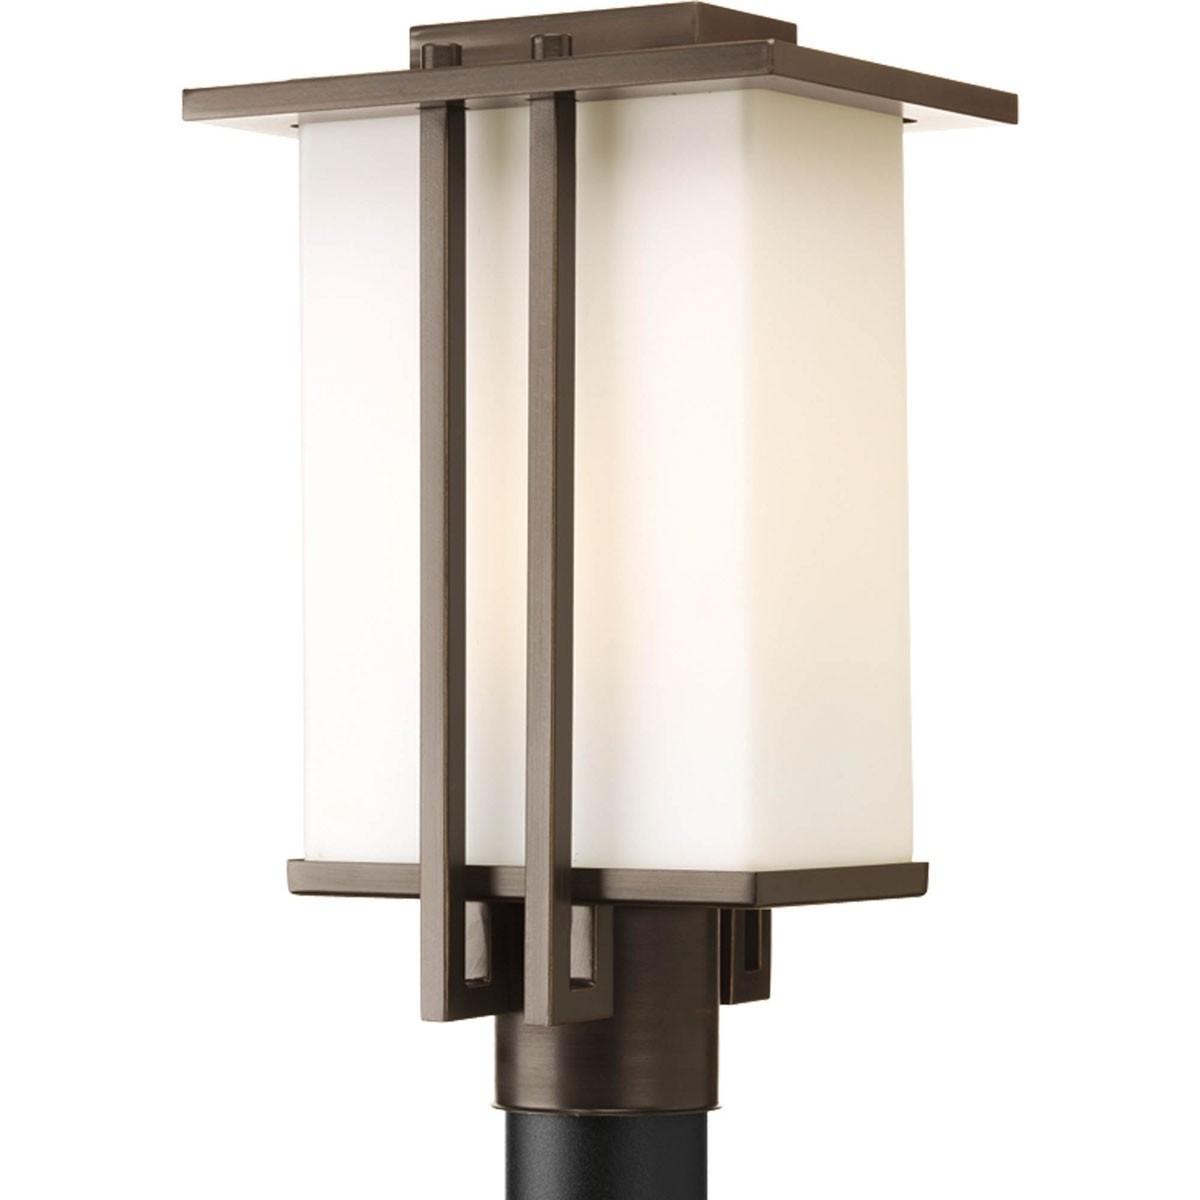 Trendy Modern Outdoor Lamp Post Lights • Outdoor Lighting Throughout Modern Outdoor Post Lighting (View 8 of 20)